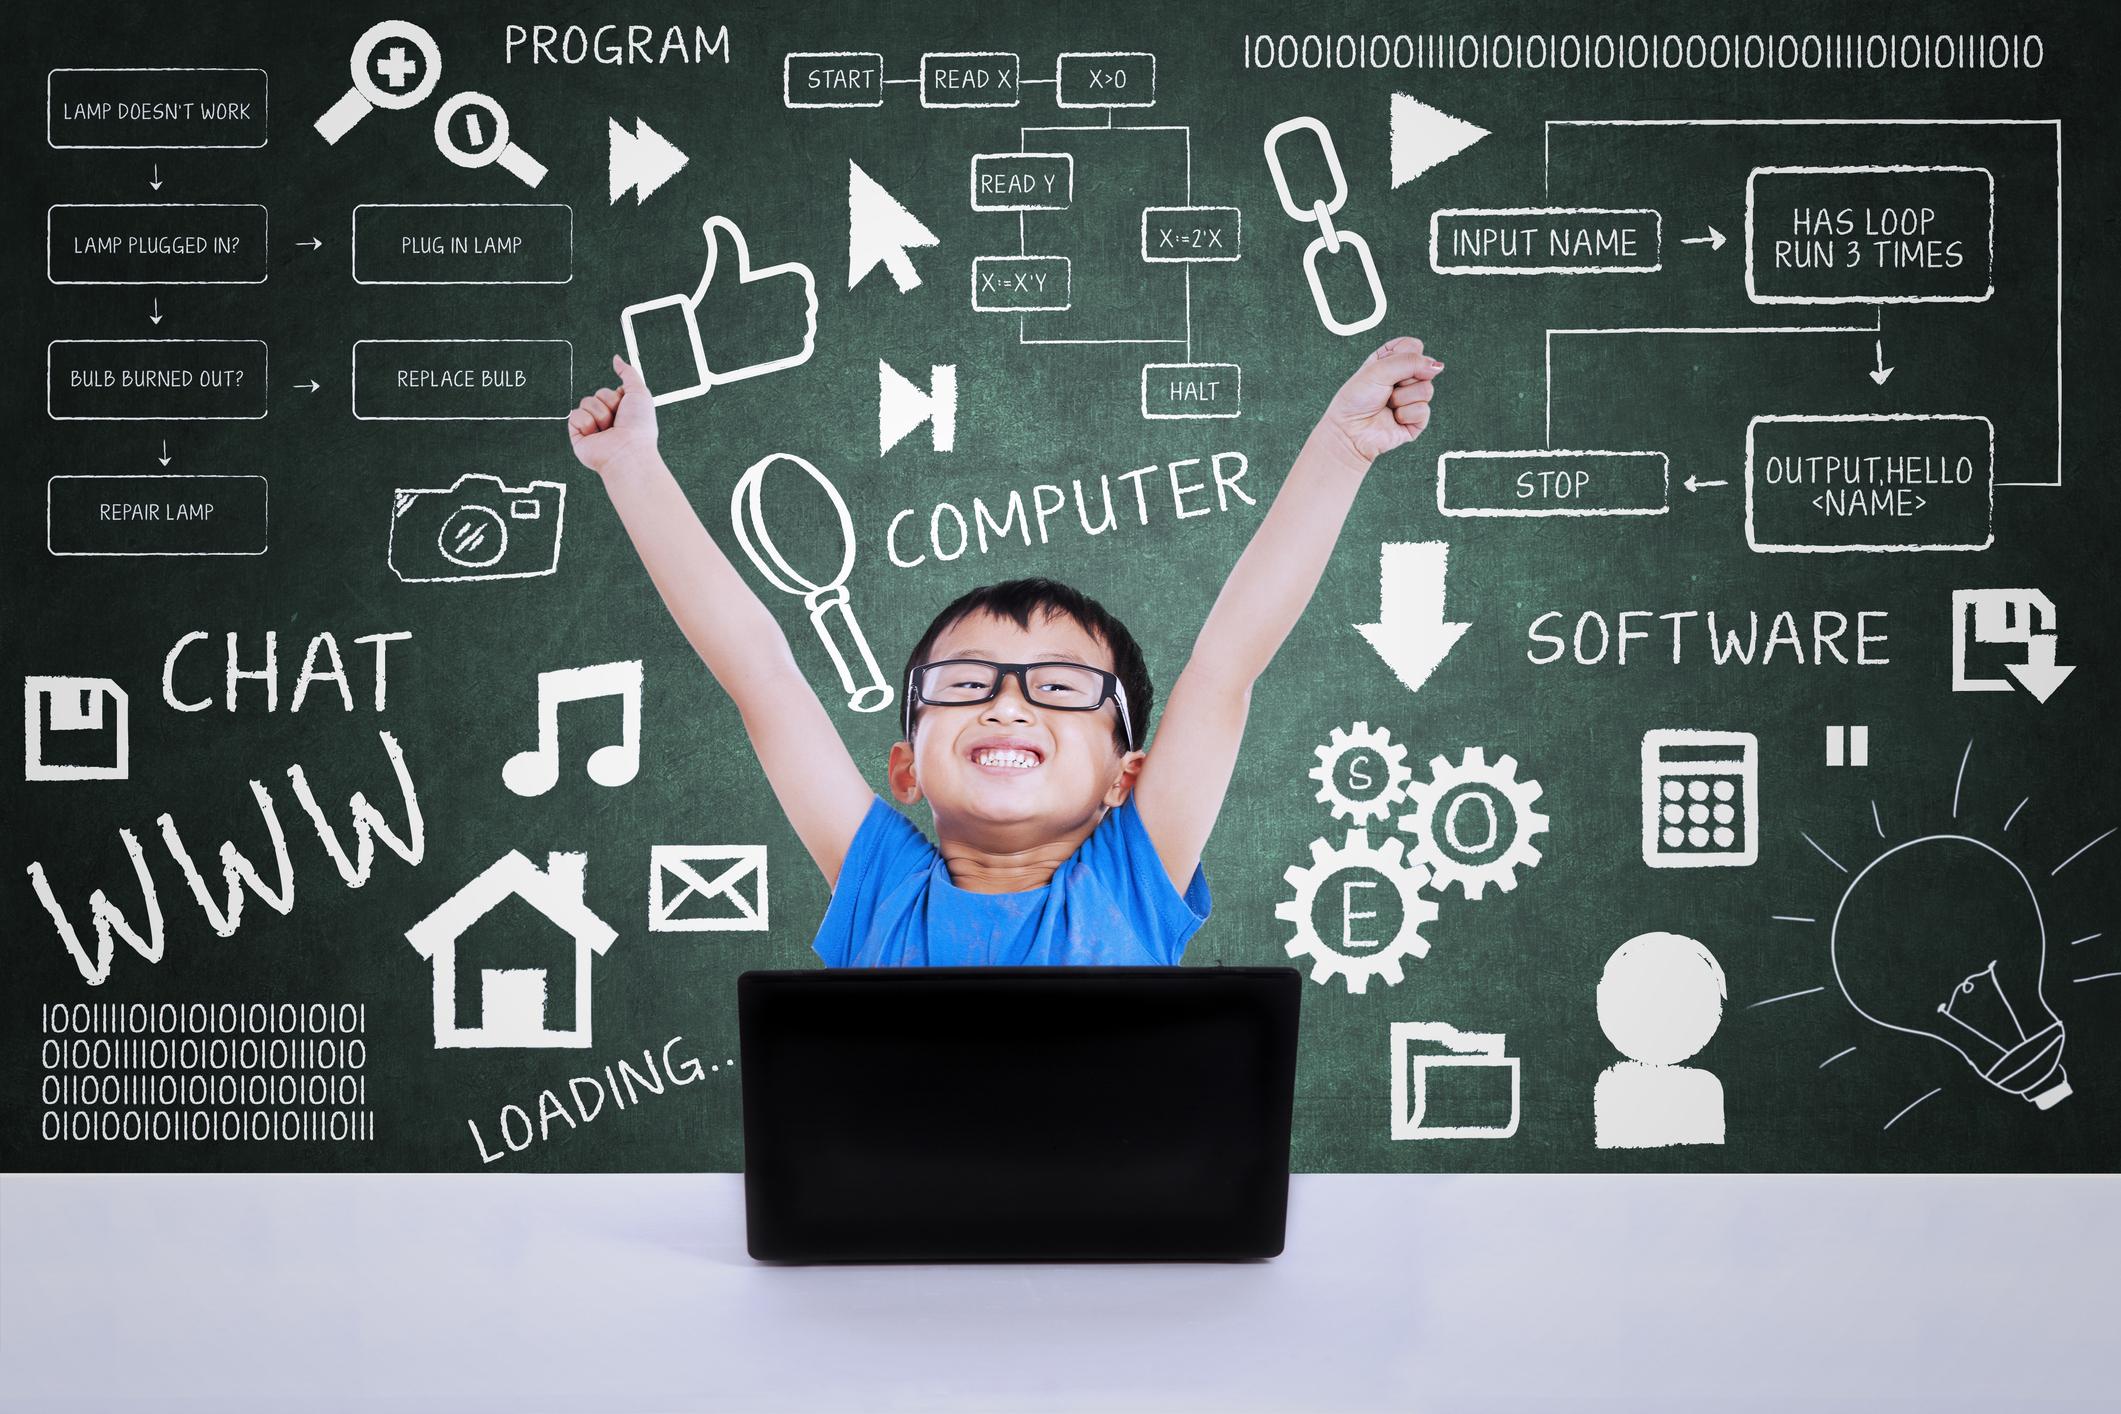 技術研究組合のソフトウエアに関する圧縮記帳